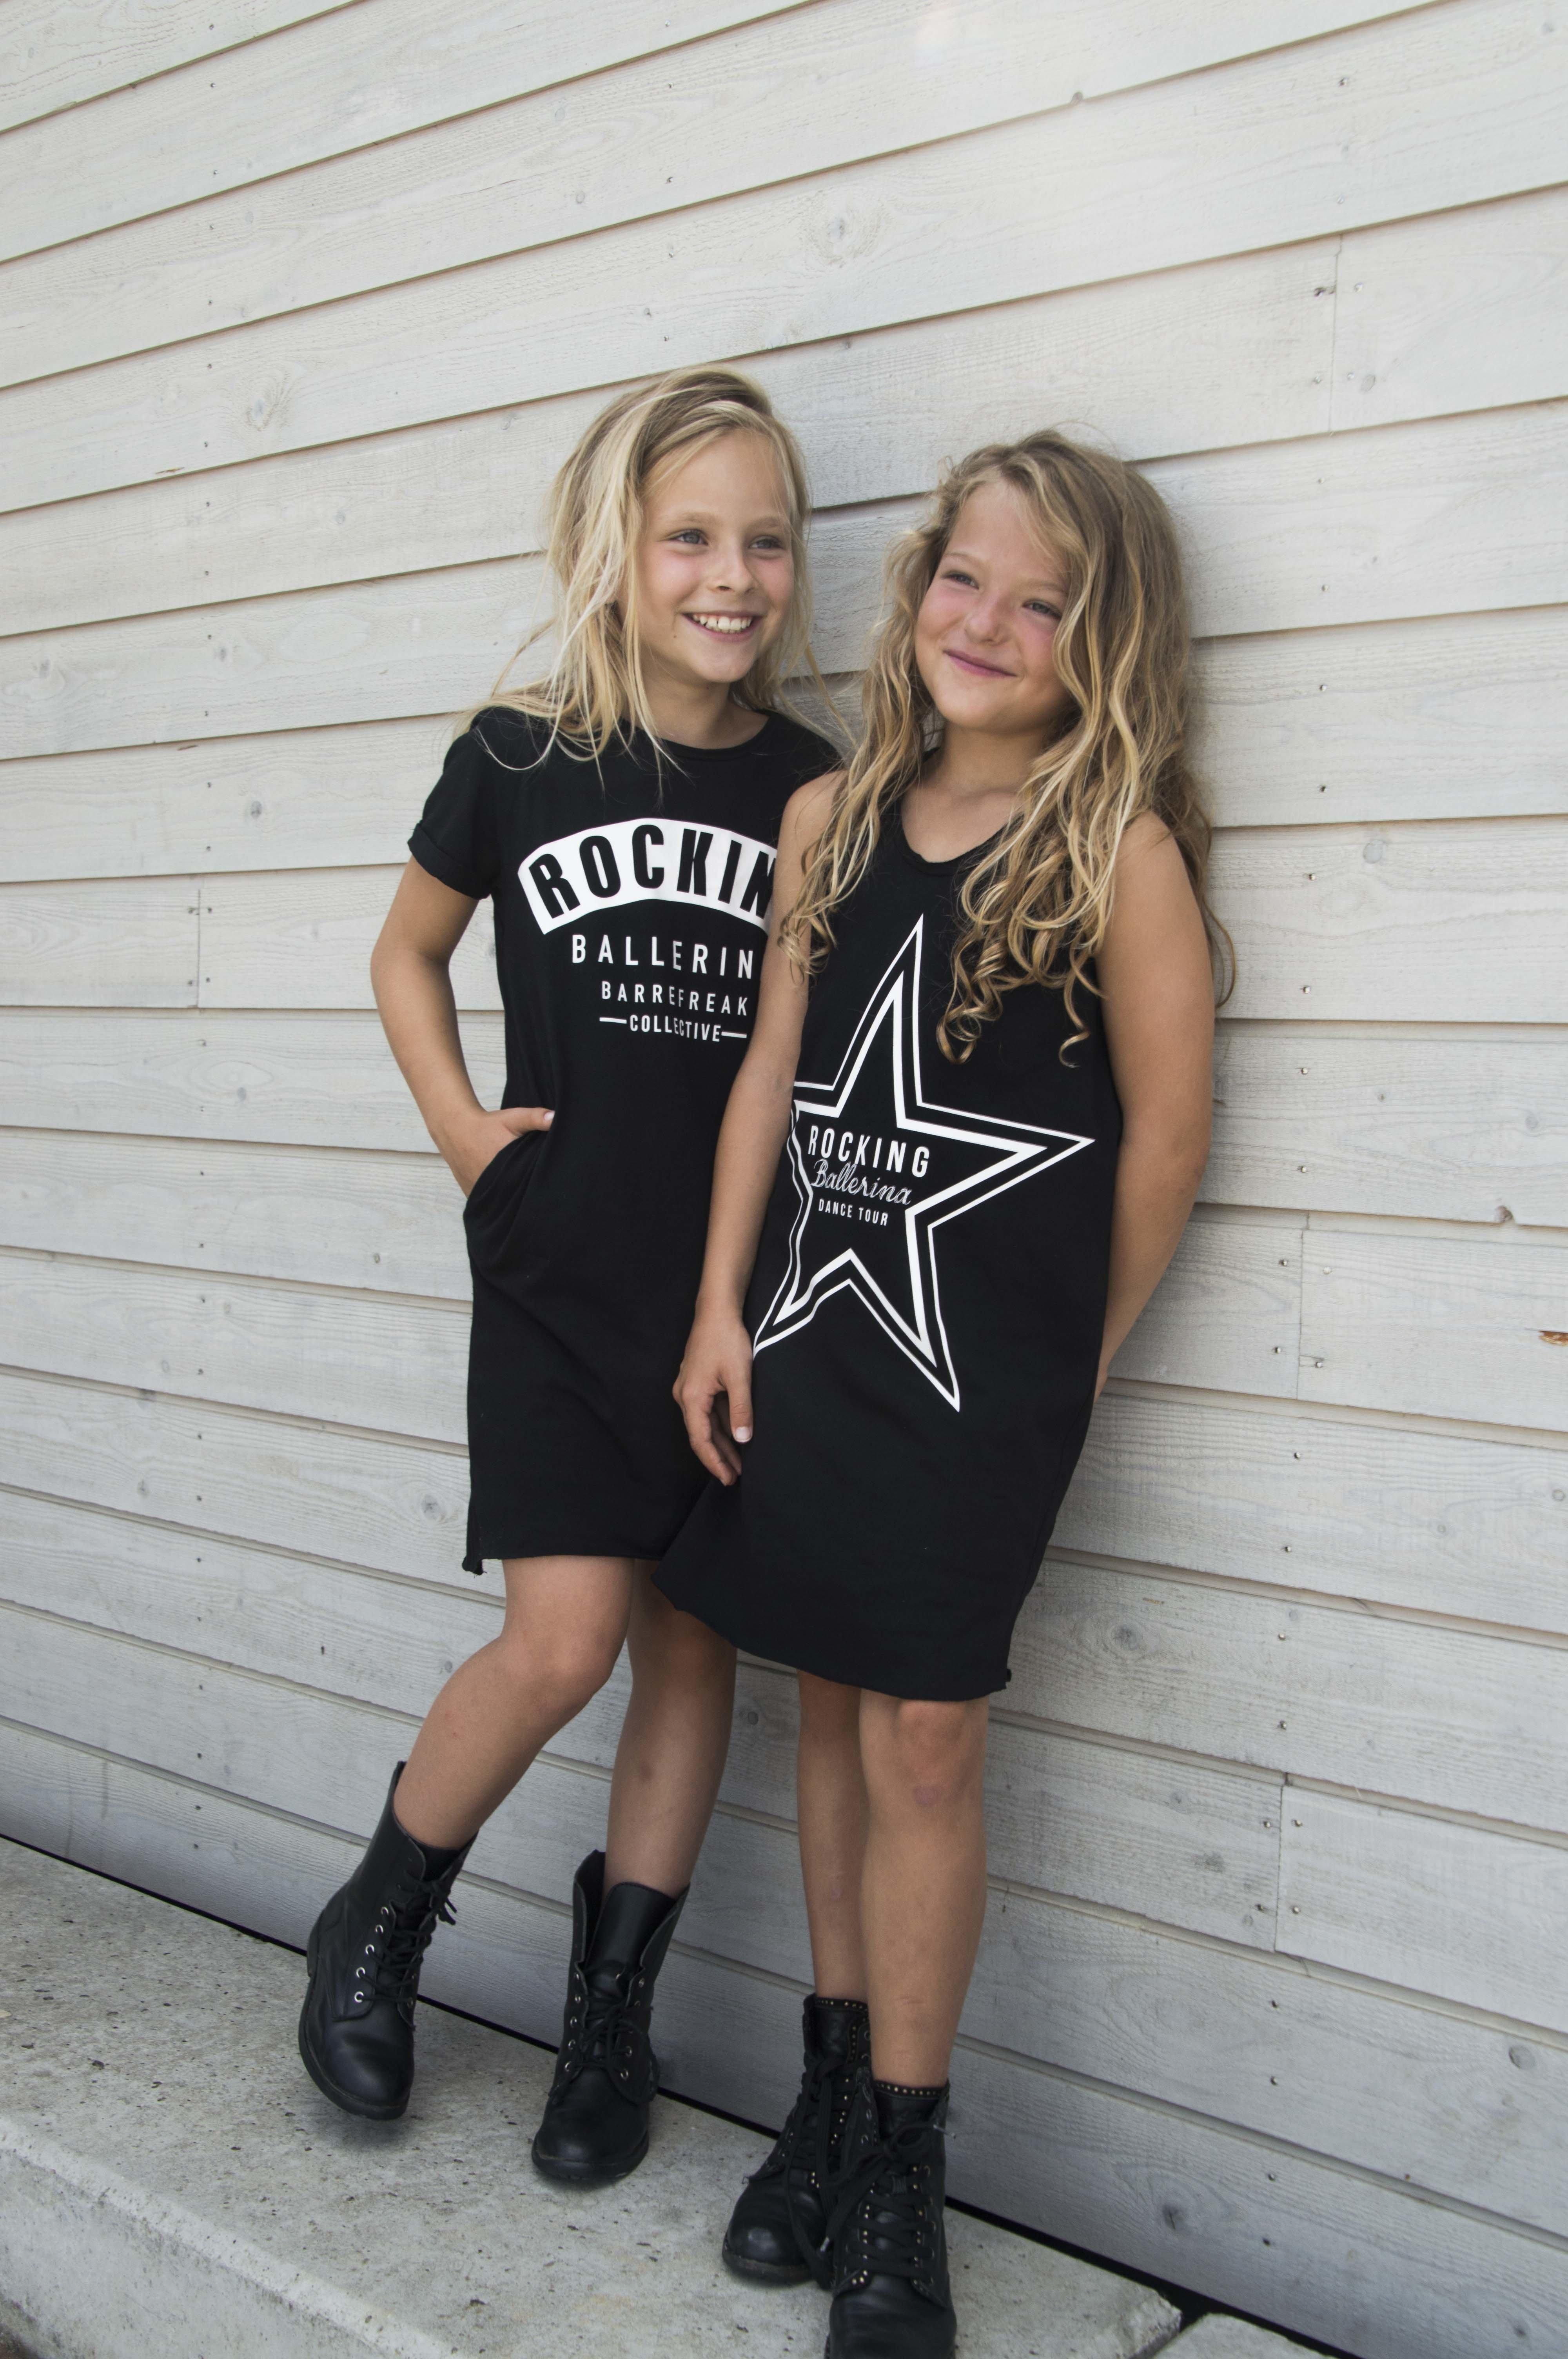 GIRLS T'SHIRT DRESS ROCKING BALLERINA